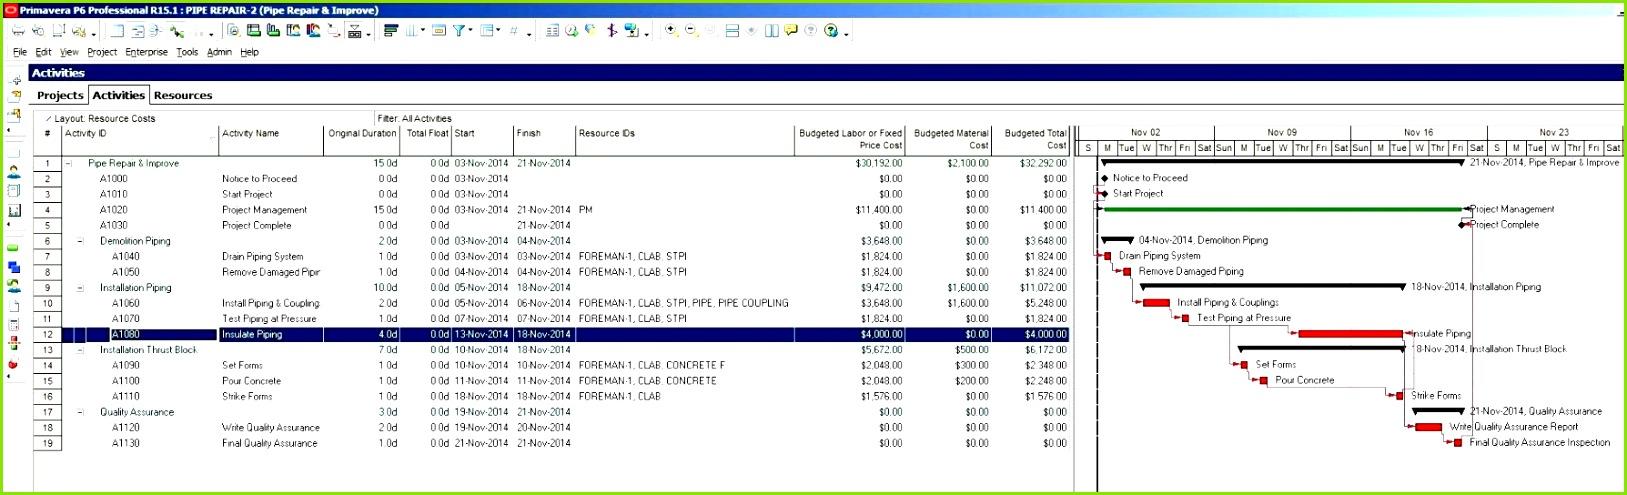 Projektplan Excel Vorlage Xls Beispiel 10 Planung Excel Vorlage Vorlagen123 Vorlagen123